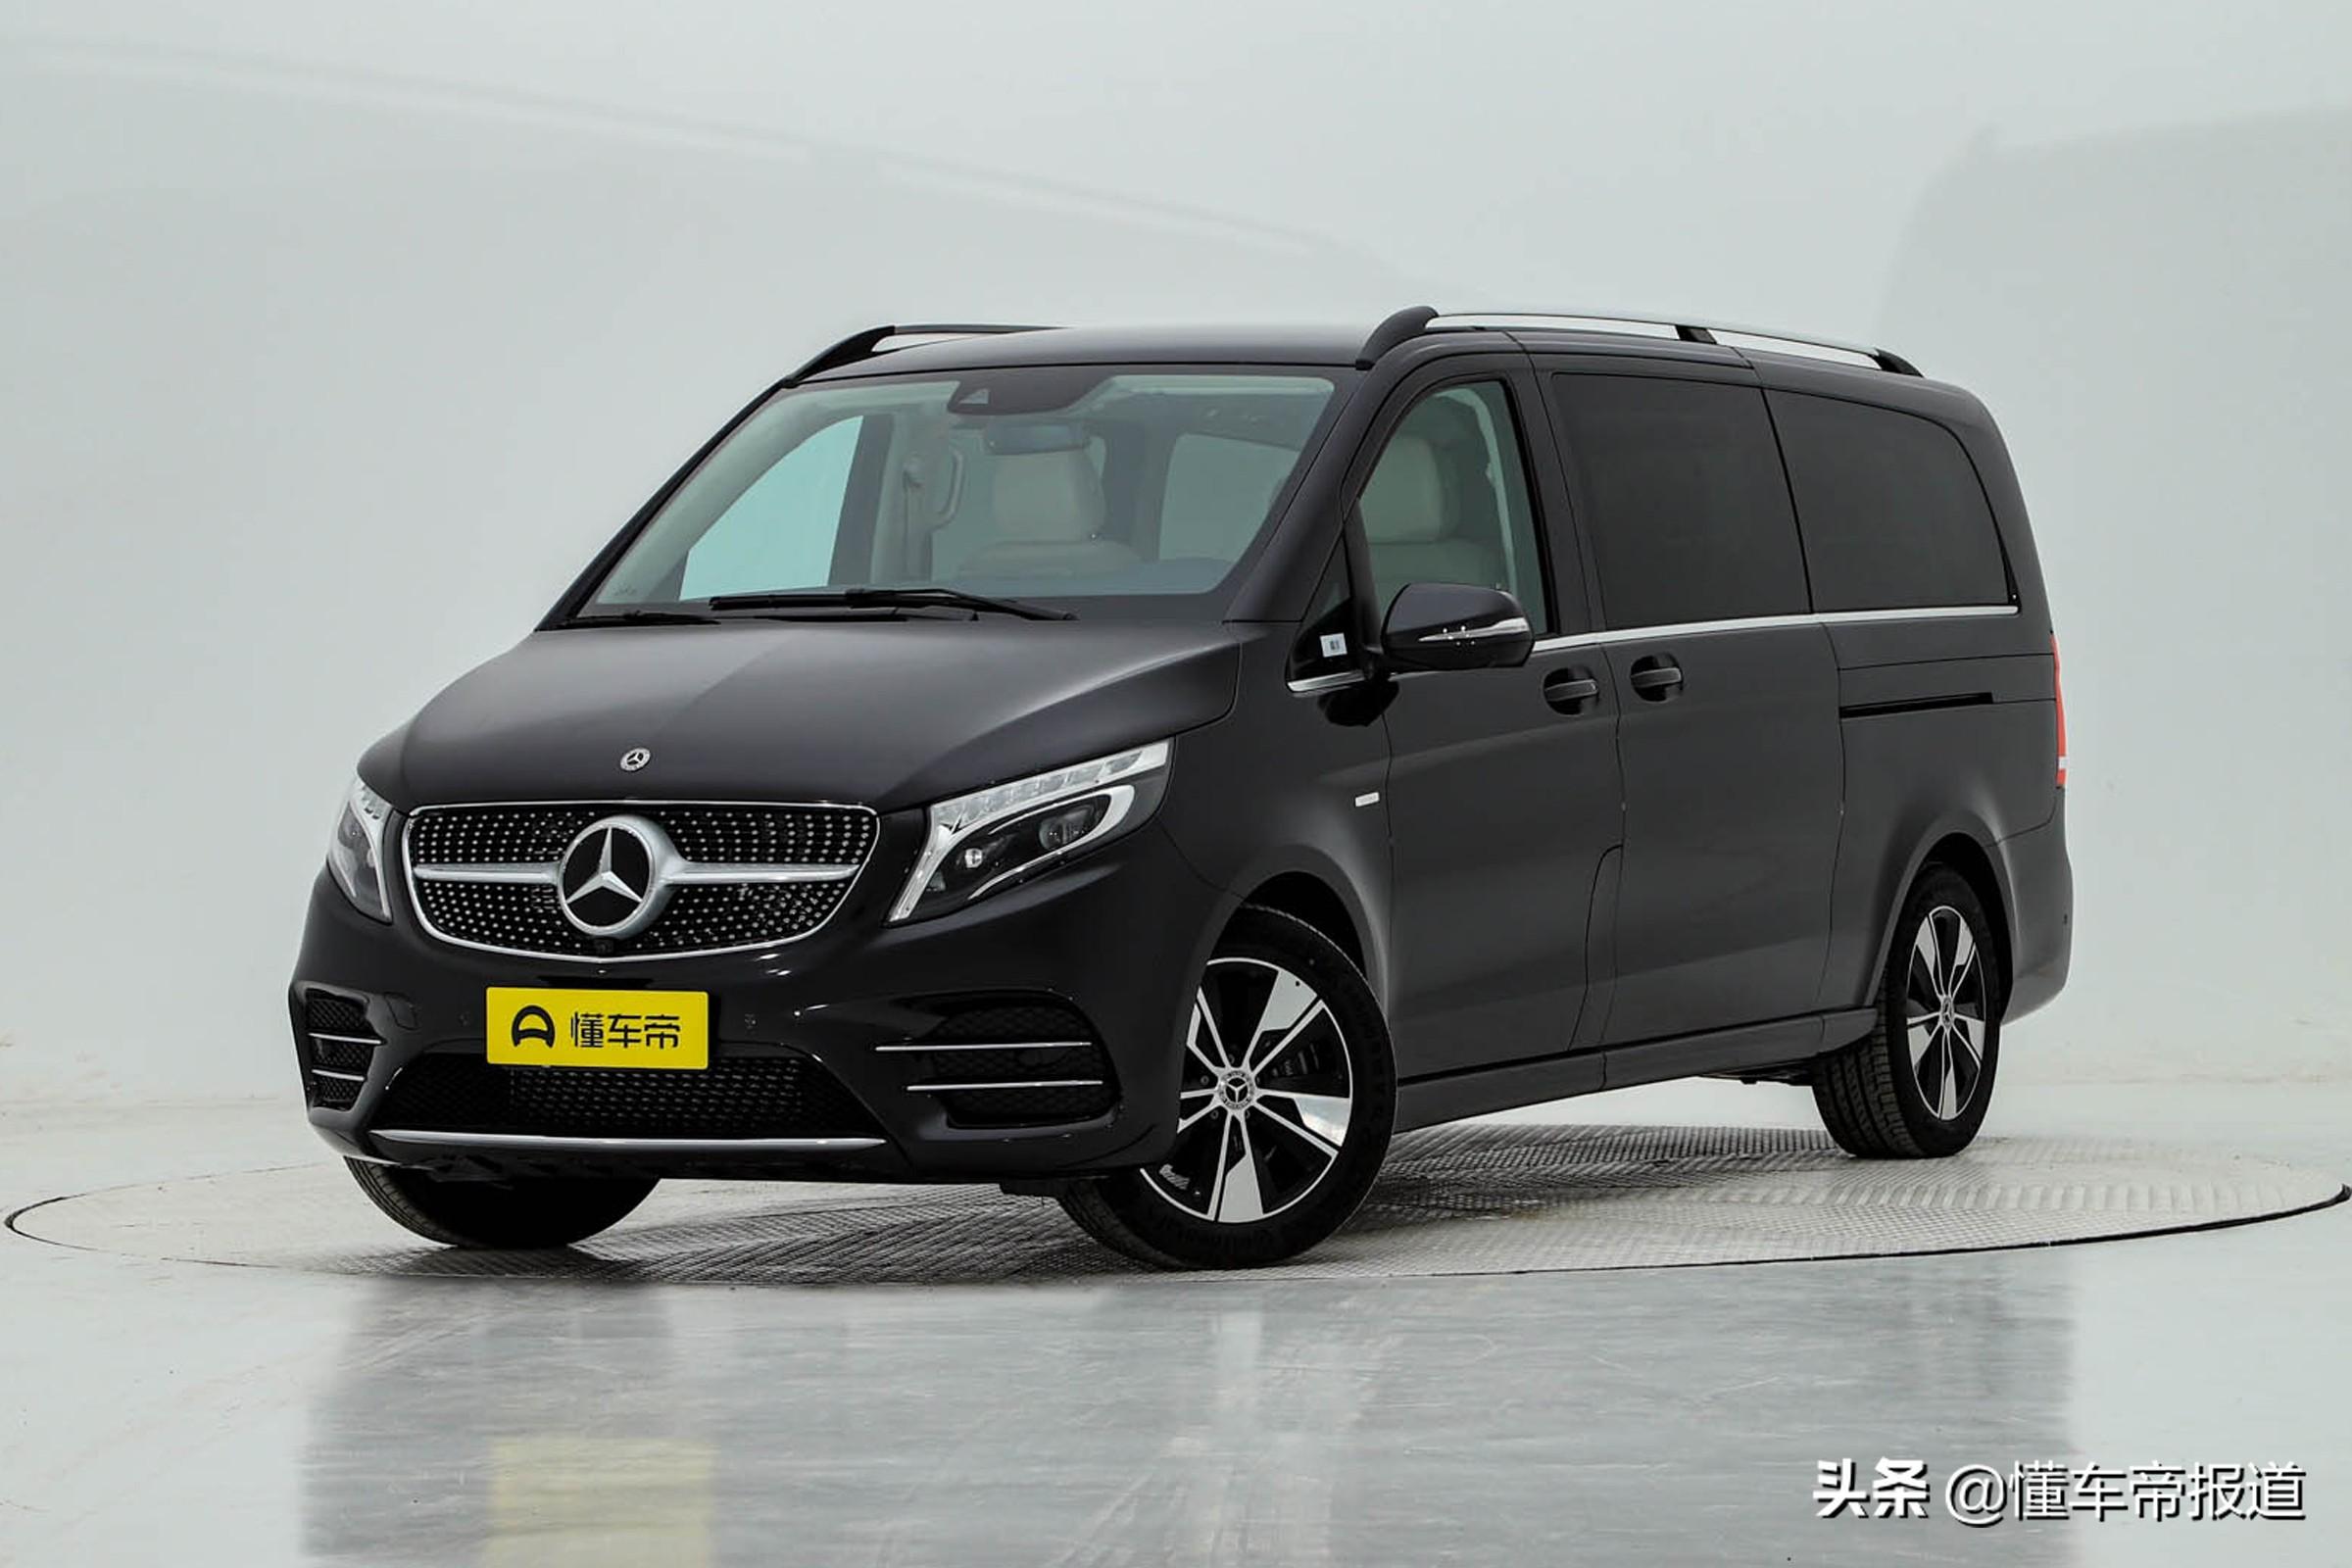 曝光 | 预售价49-63万元,福建奔驰新款V级实车发布